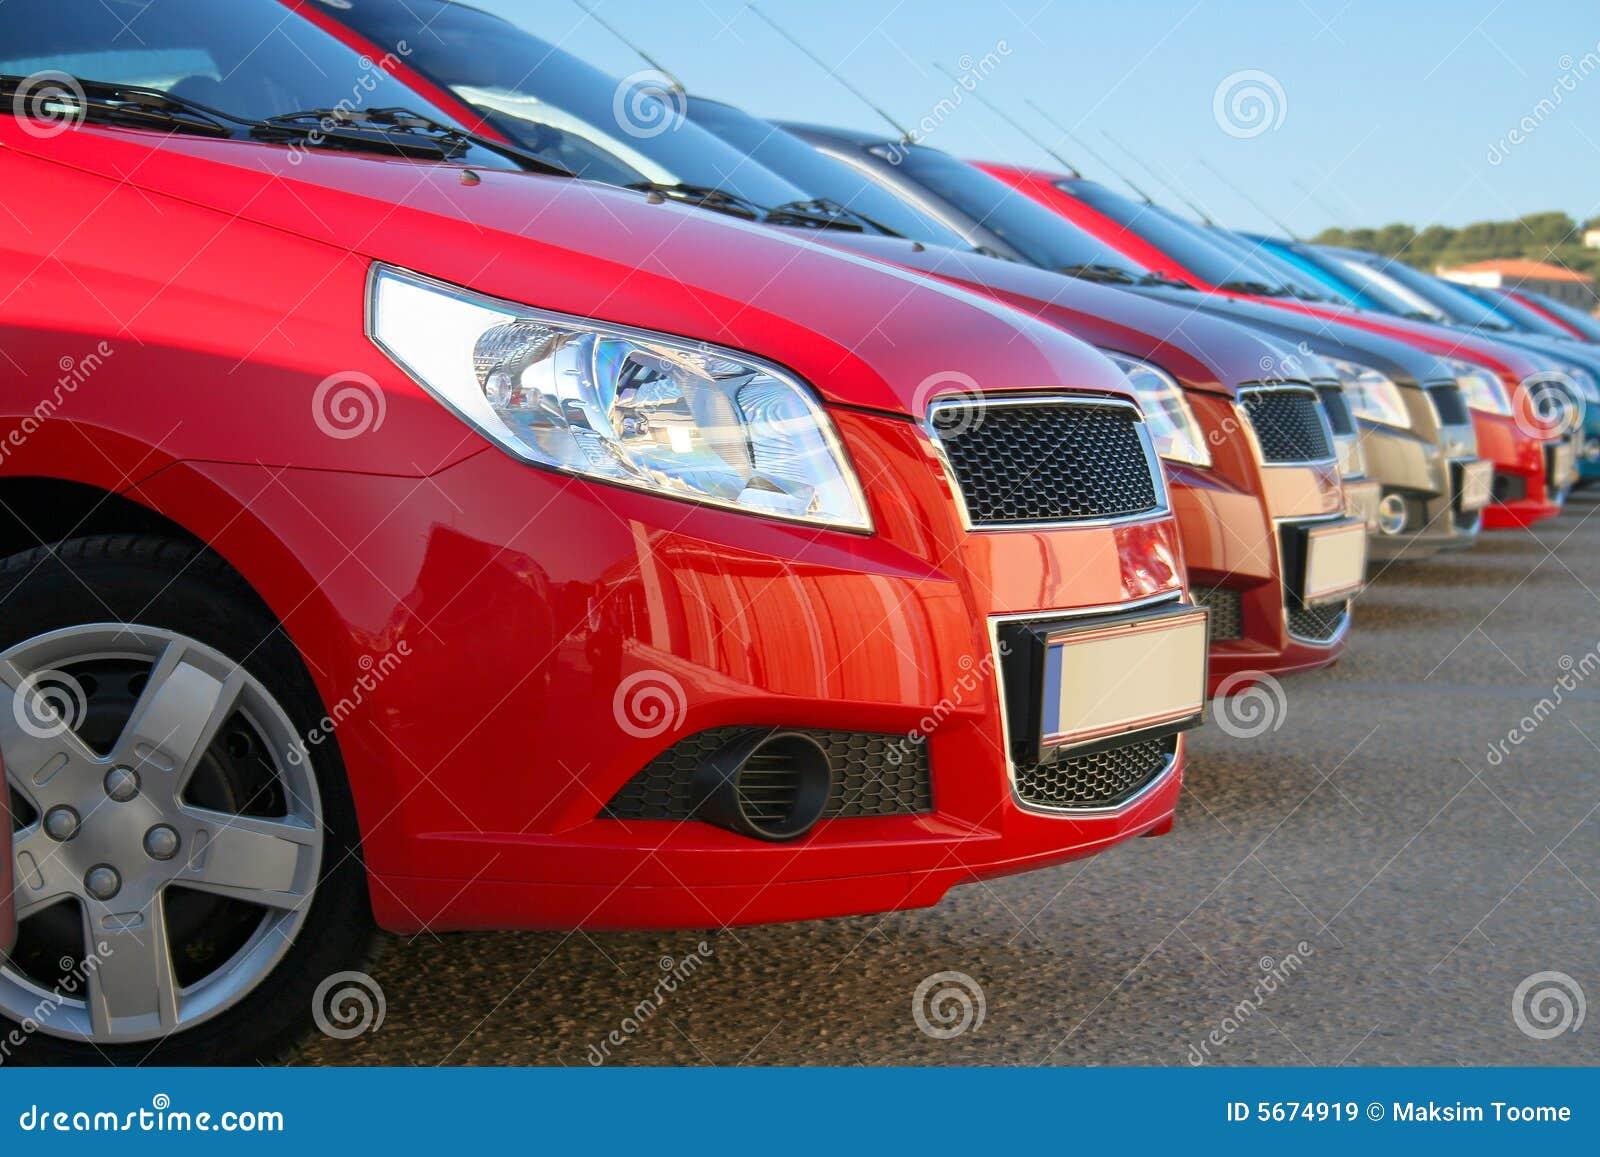 Bilar parkerad rad